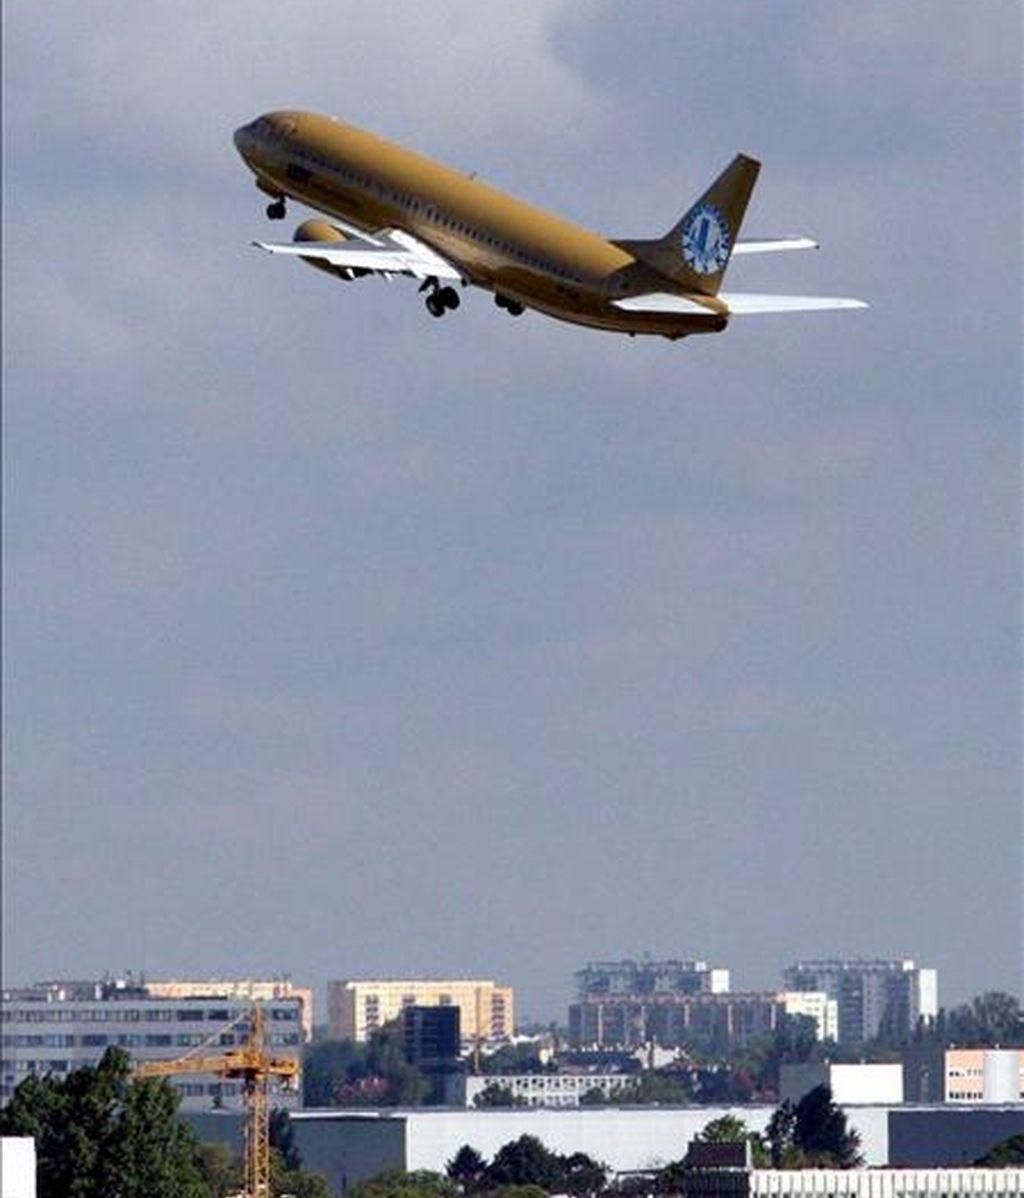 En la imagen, un avión de las aerolíneas polacas pintado de dorado despega del aeropuerto de Varsovia, Polonia. EFE/Archivo